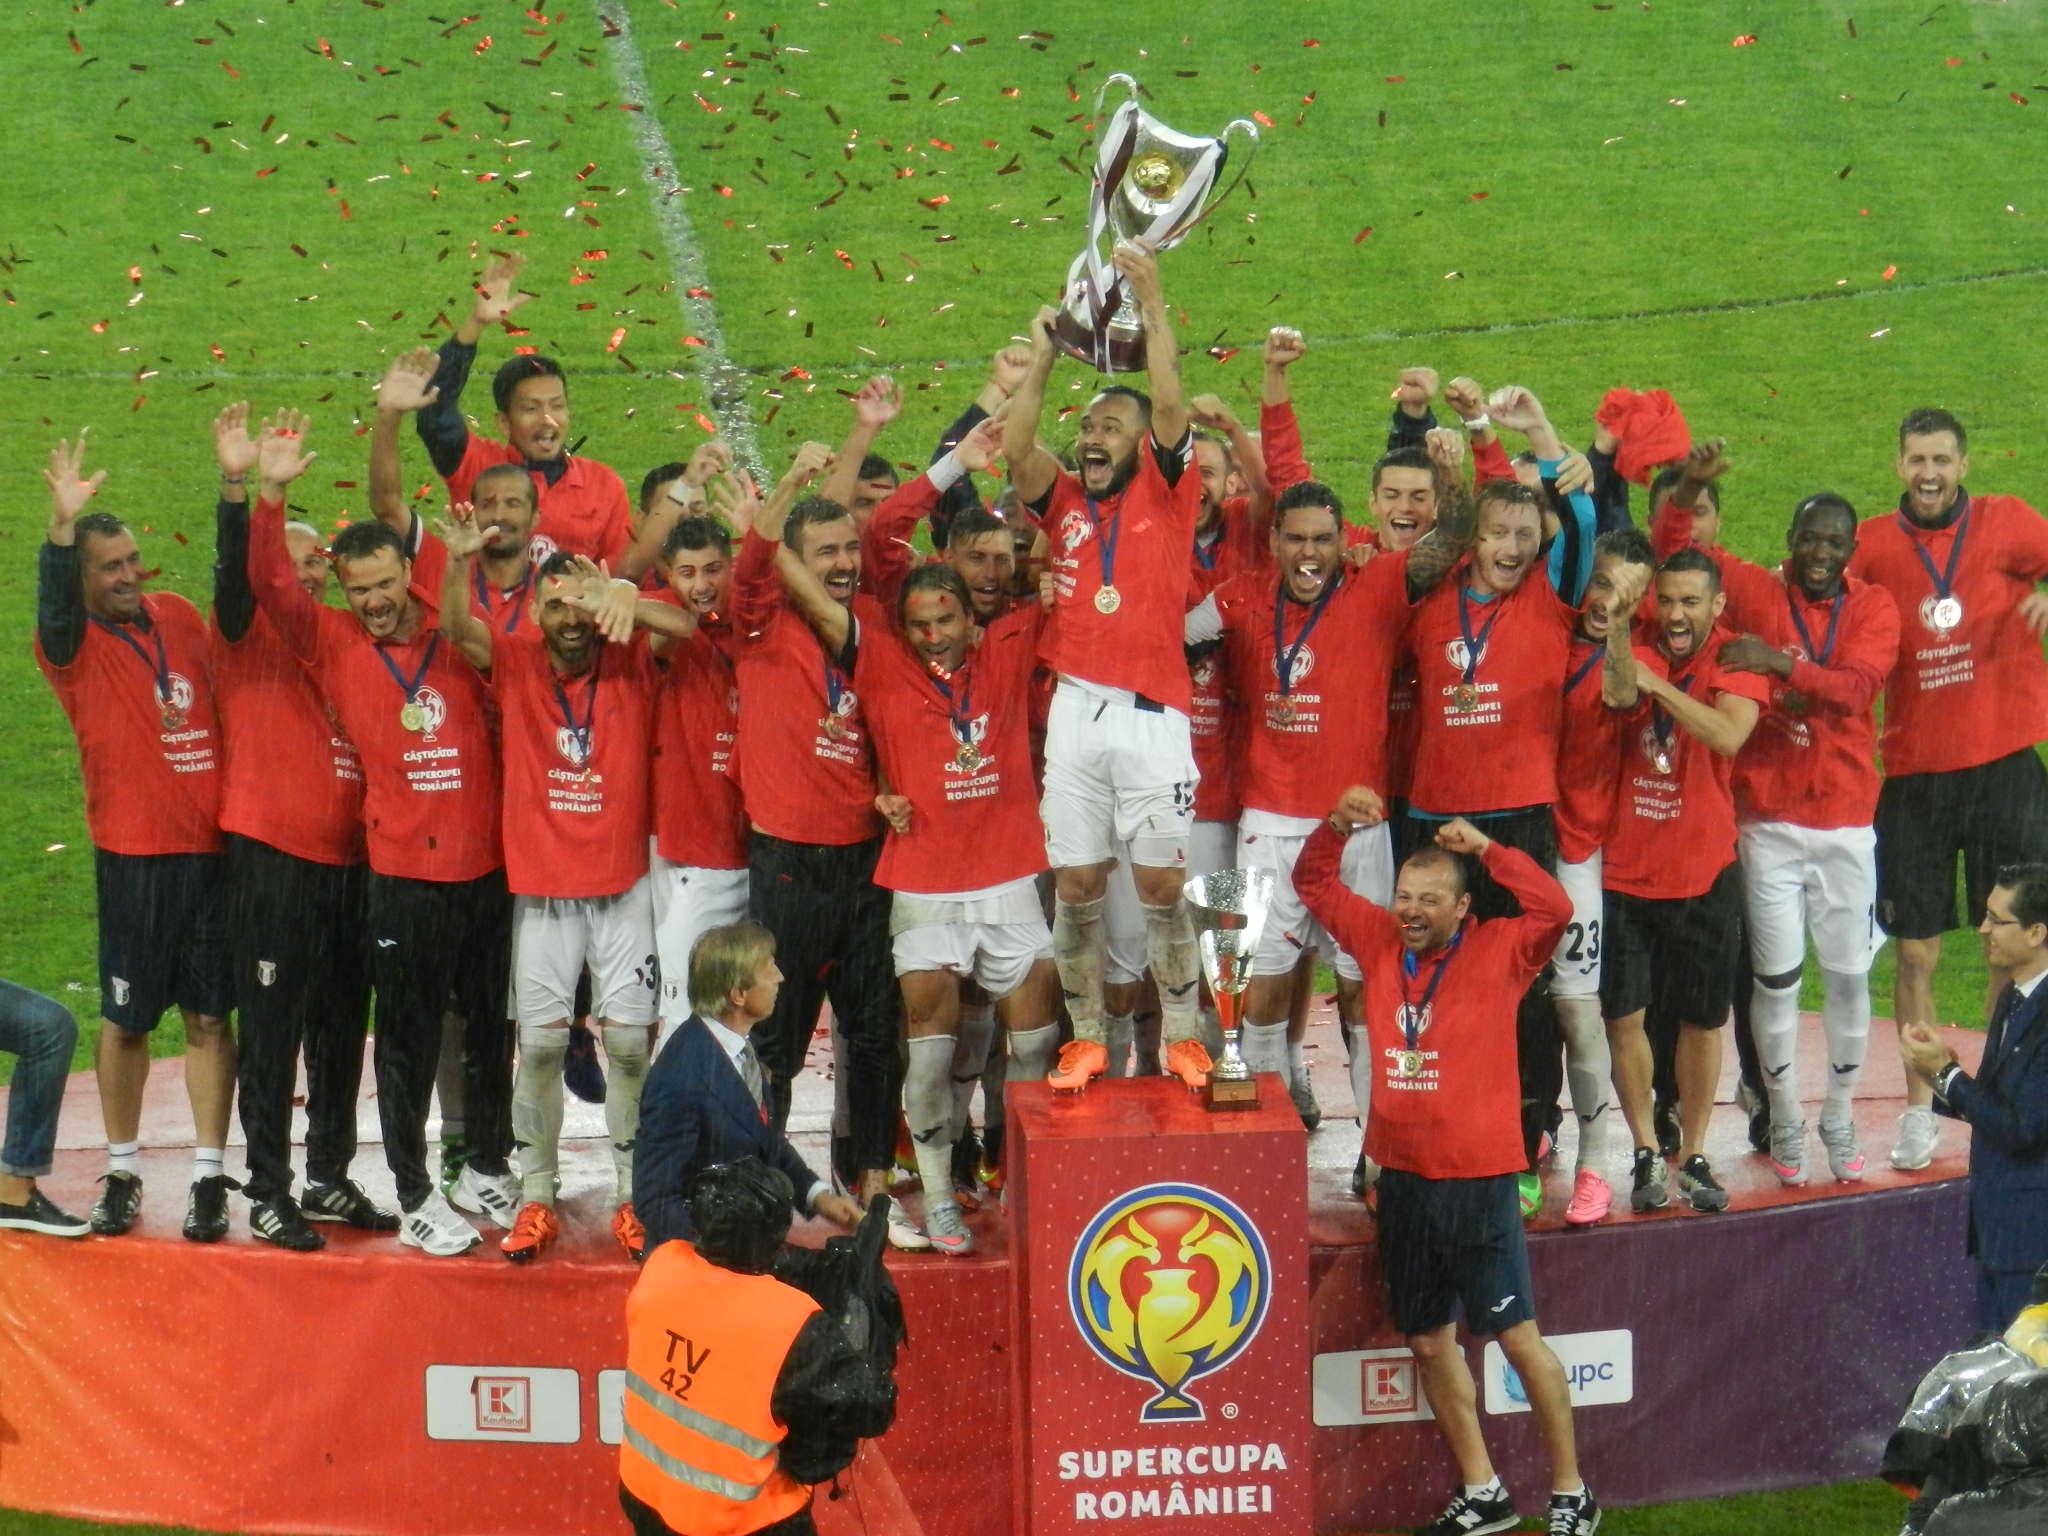 Astra Giurgiu a câștigat Supercupa României pe Cluj Arena, după 1-0 cu CFR Cluj! Ploaia torențială a transformat gazonul în mlaștină